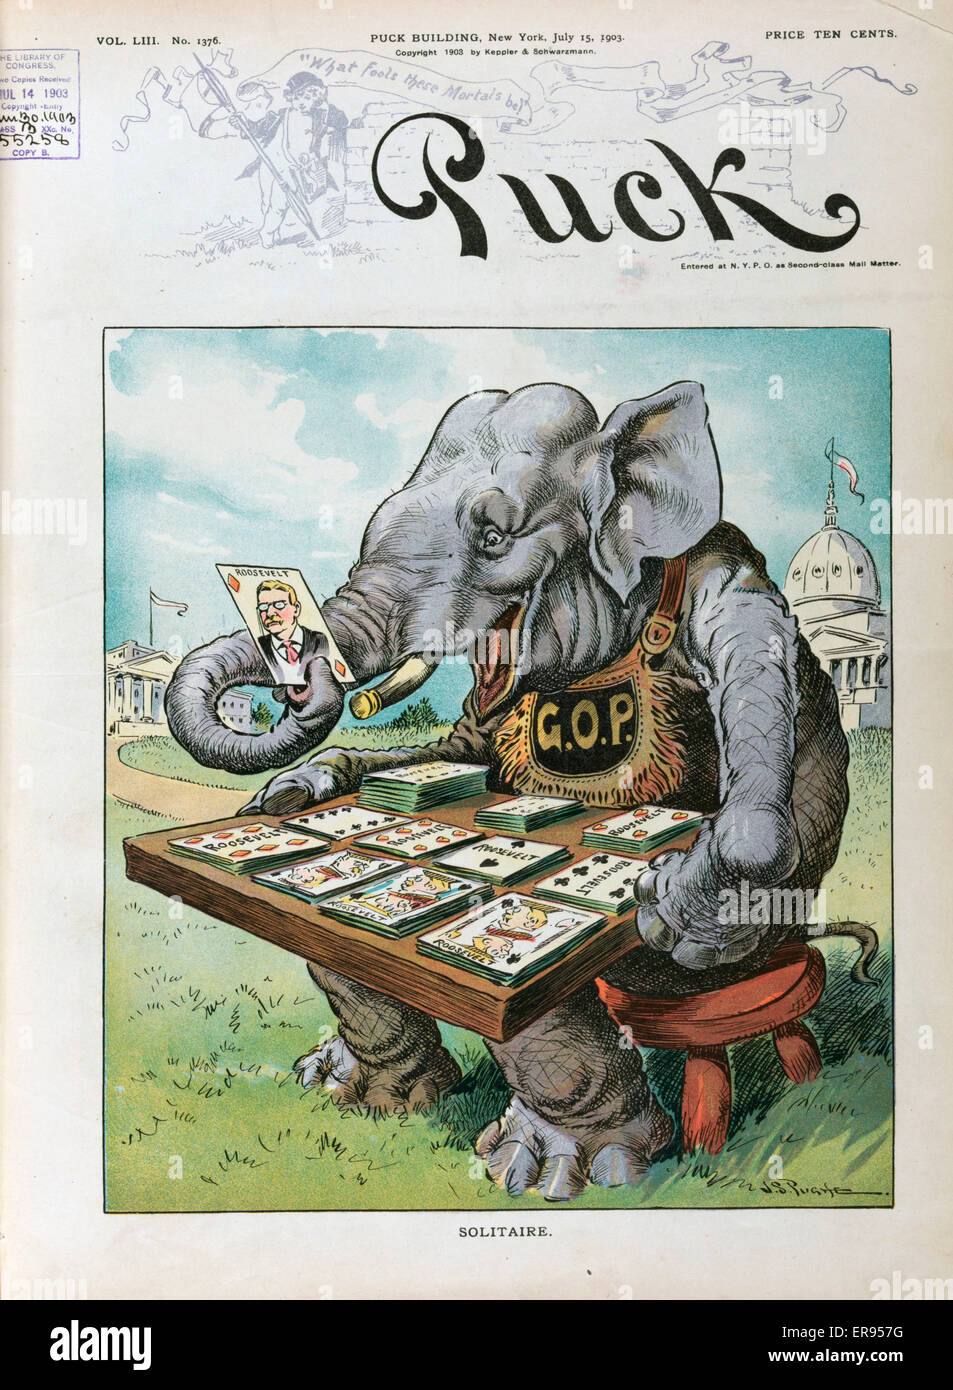 Solitaire. L'illustration montre l'étiquette éléphant républicain GOP. assis sur un Photo Stock